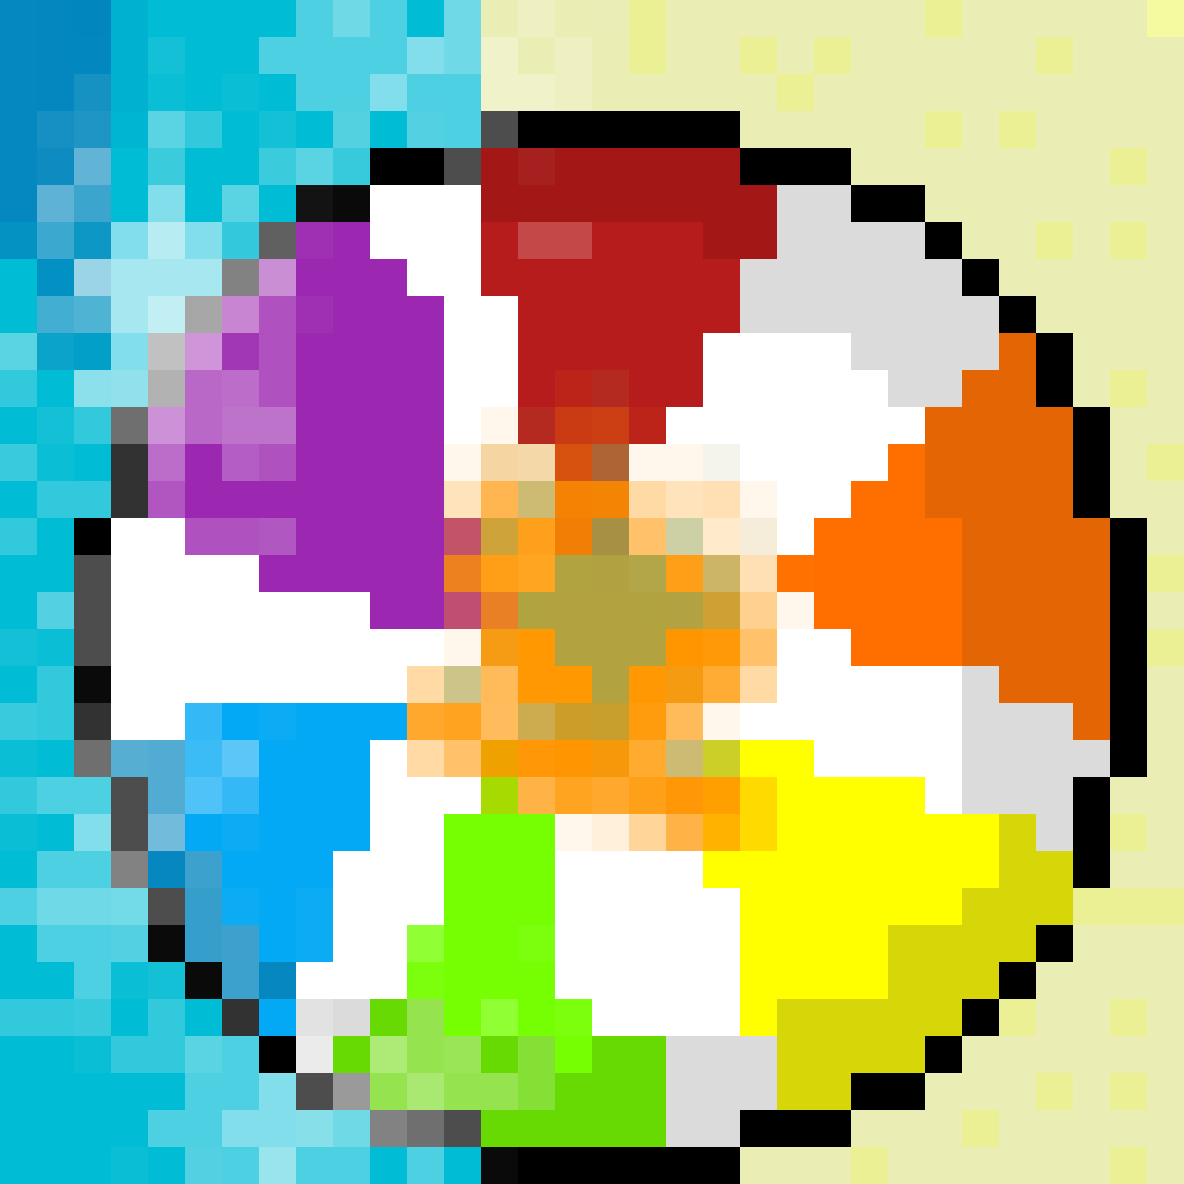 Beach ball by sassygamer